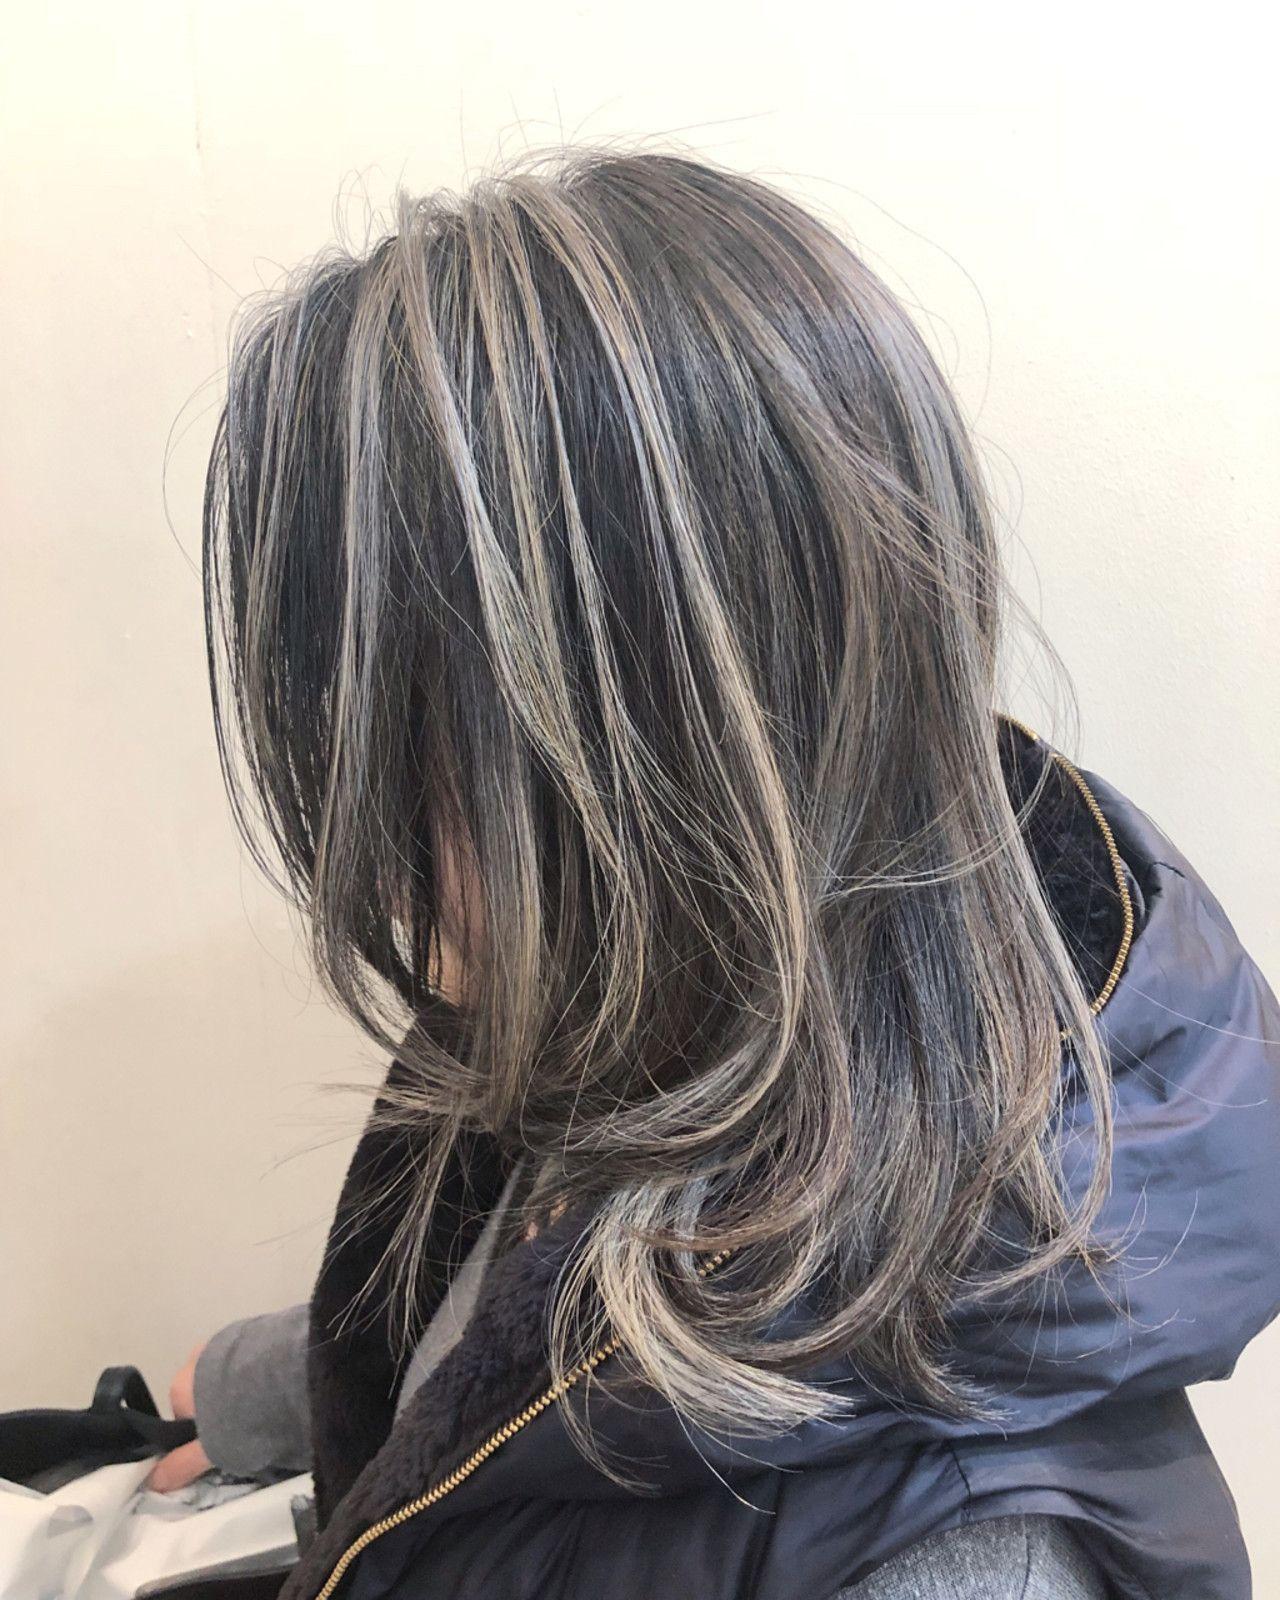 コントラスト強めのハイライトデザイン ヘアスタイル ロング 美髪